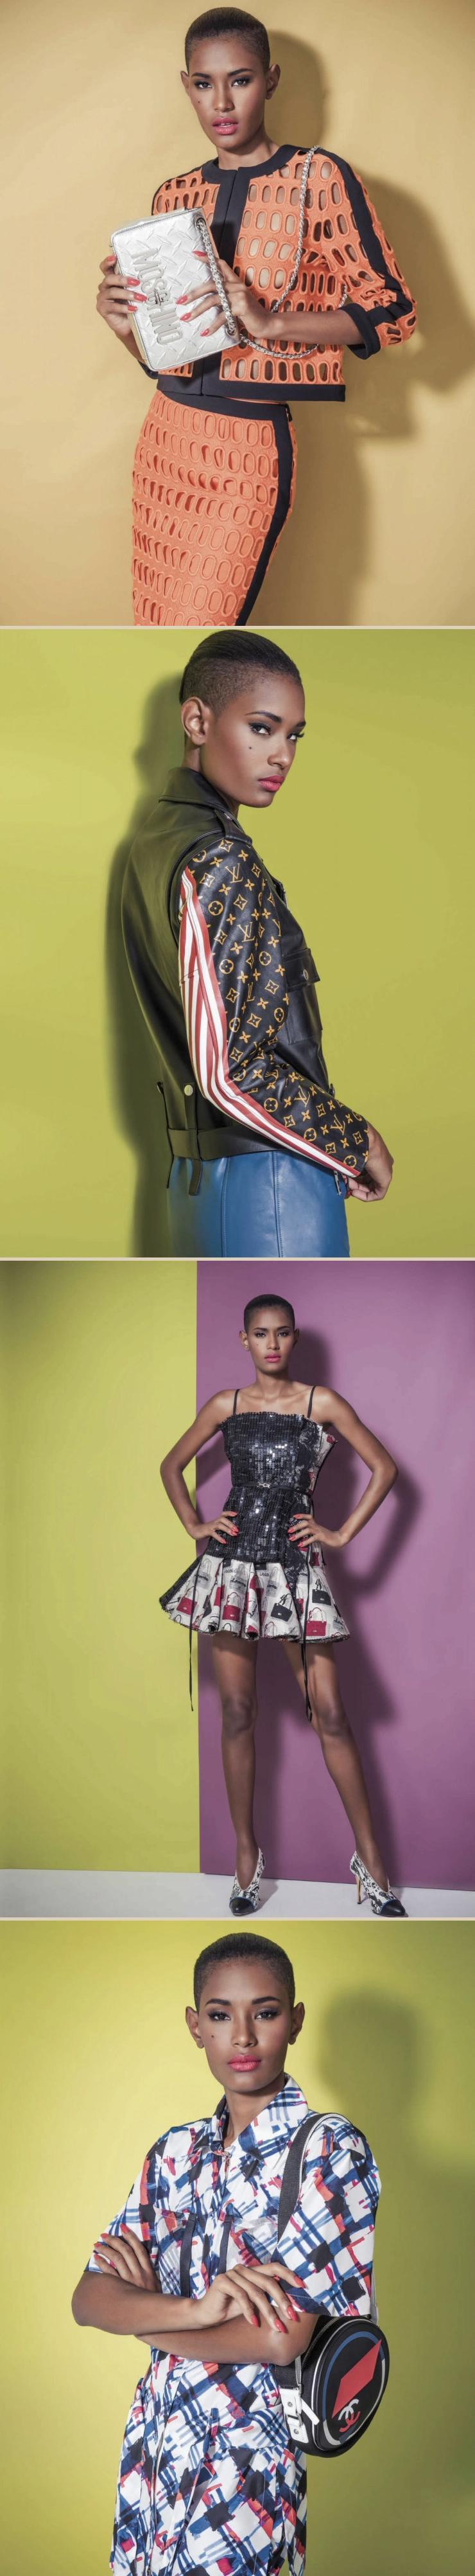 Uma visão de moda latina1 - Cleon Gostinski - Fonte We Are So Droee